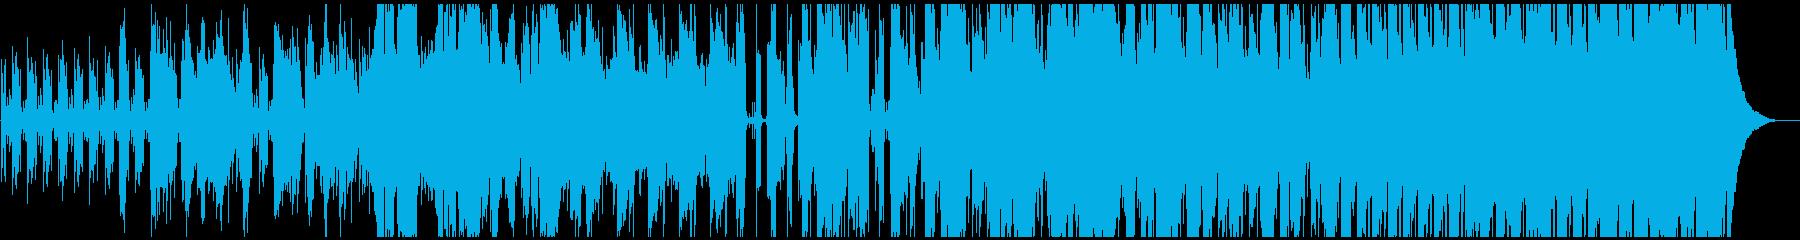 そのさきの再生済みの波形